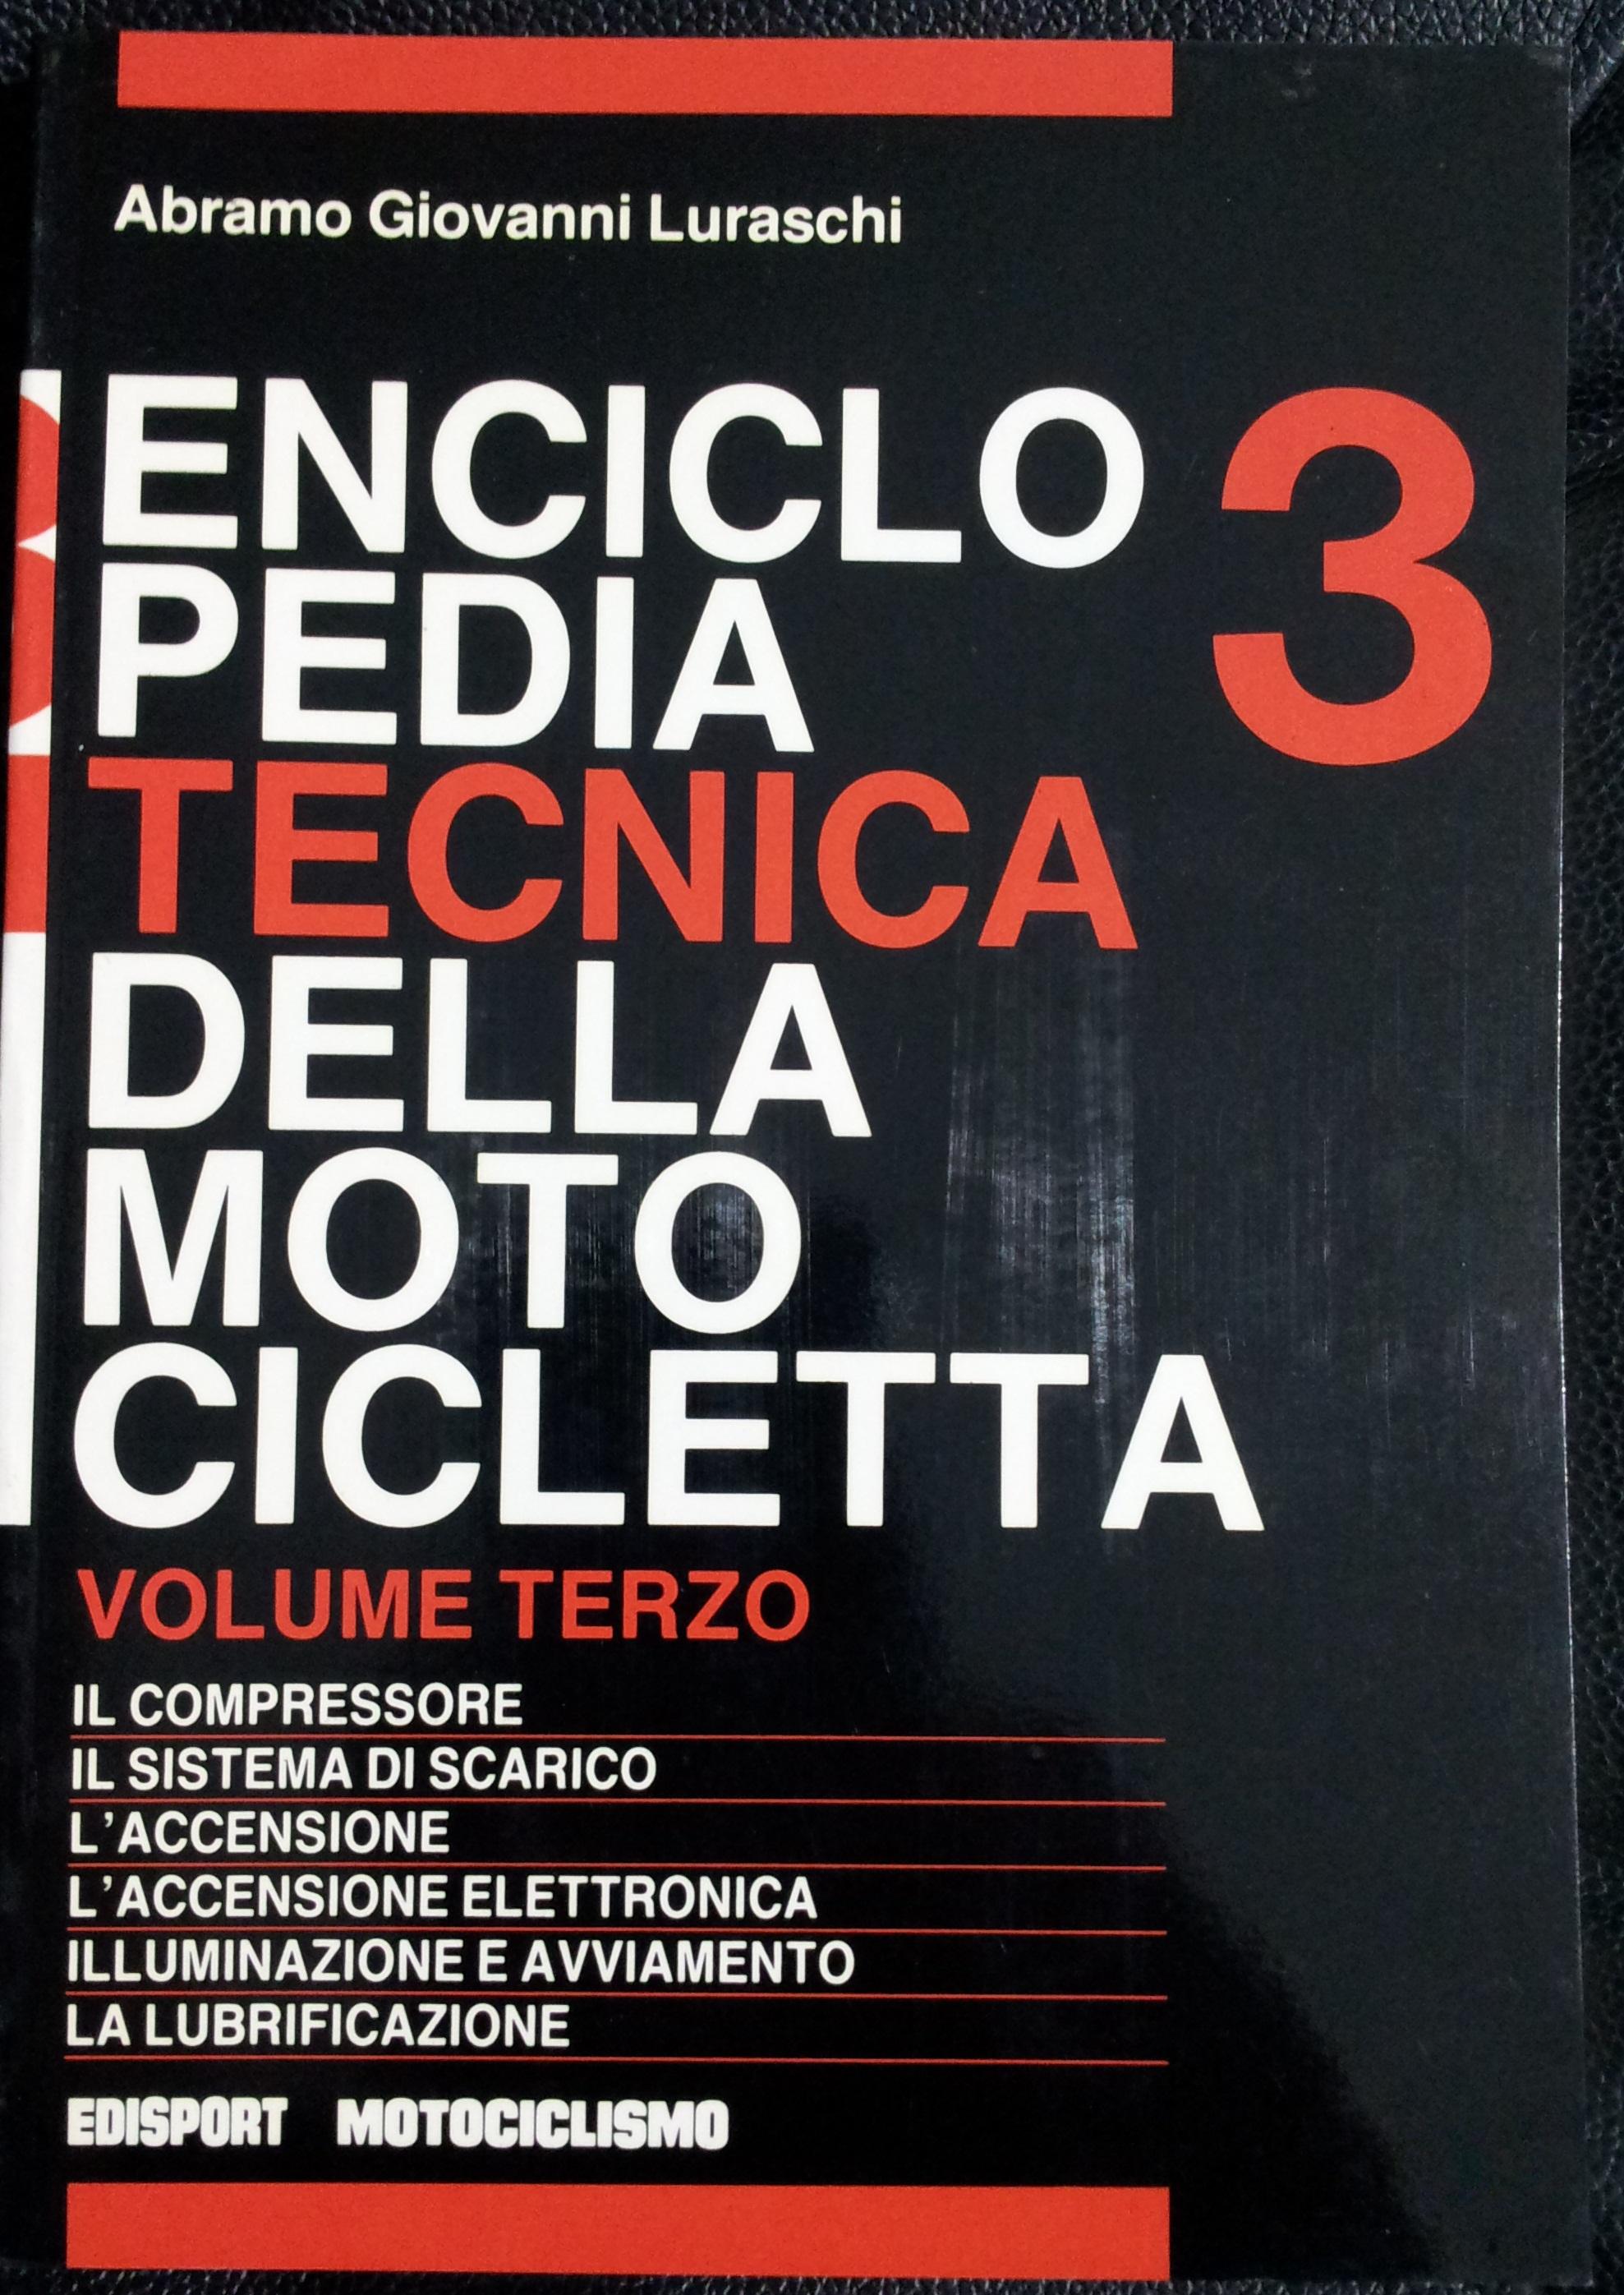 Enciclopedia tecnica della motocicletta - vol.3